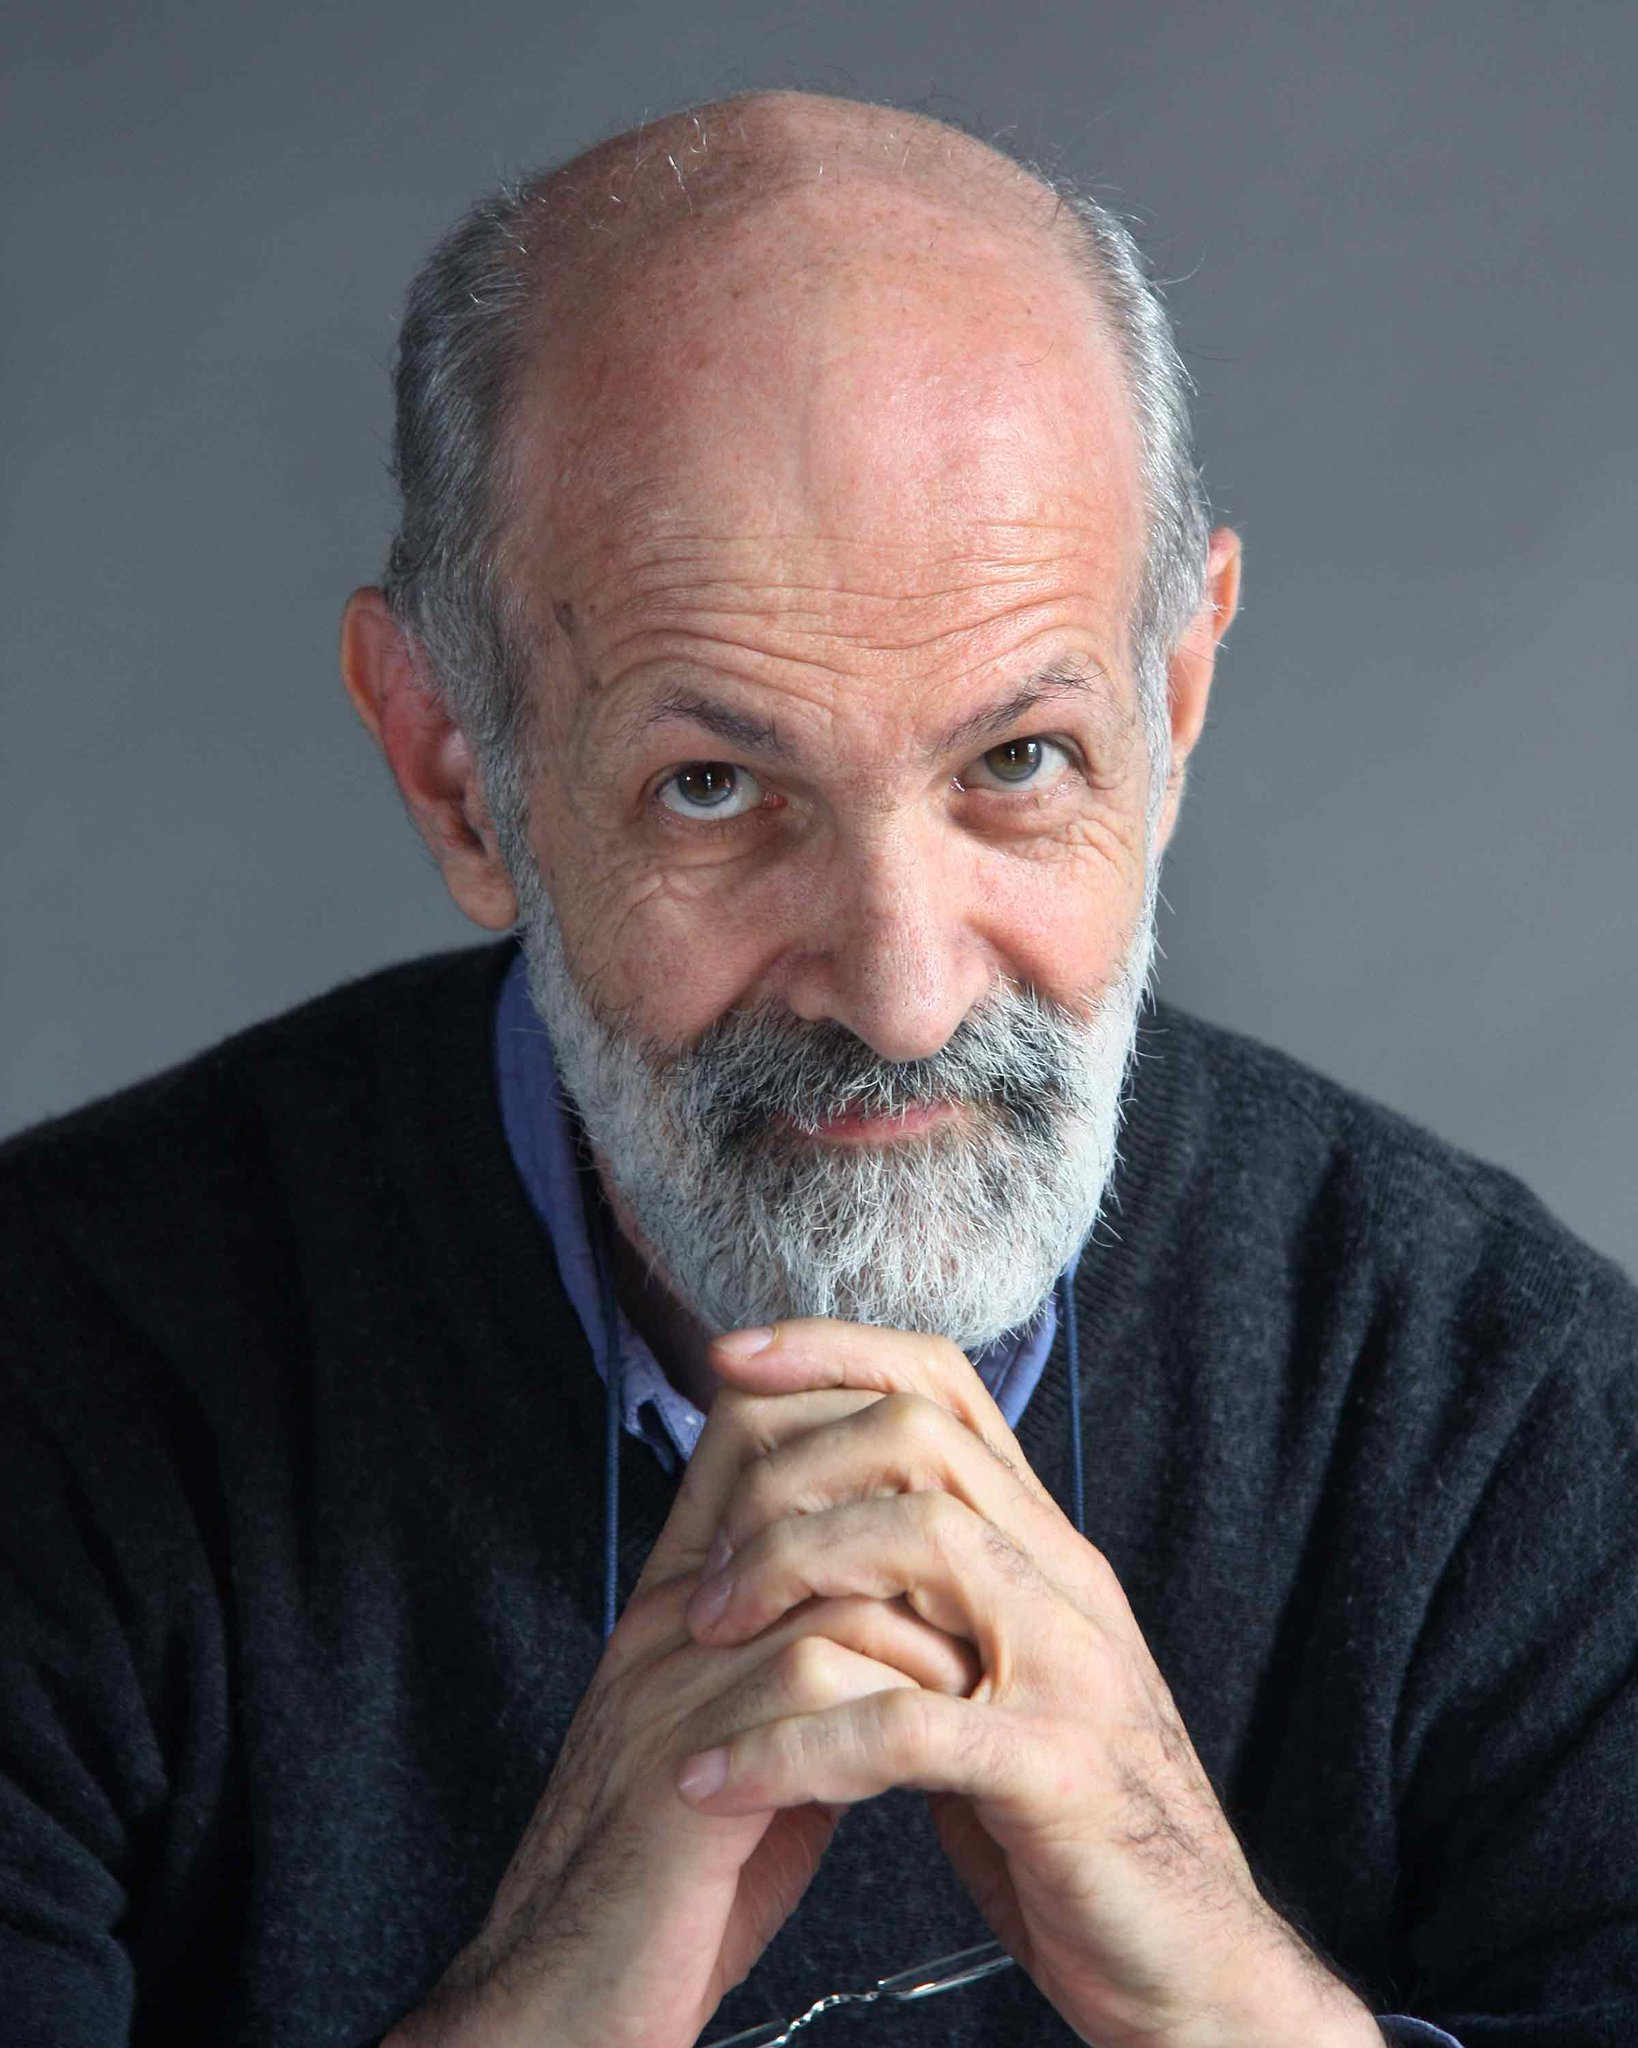 ¡Muchas felicidades al  dramaturgo, director de teatro, ensayista y pedagogo Luis de Tavira que hoy cumple 69 años! https://t.co/7enL3rUBym